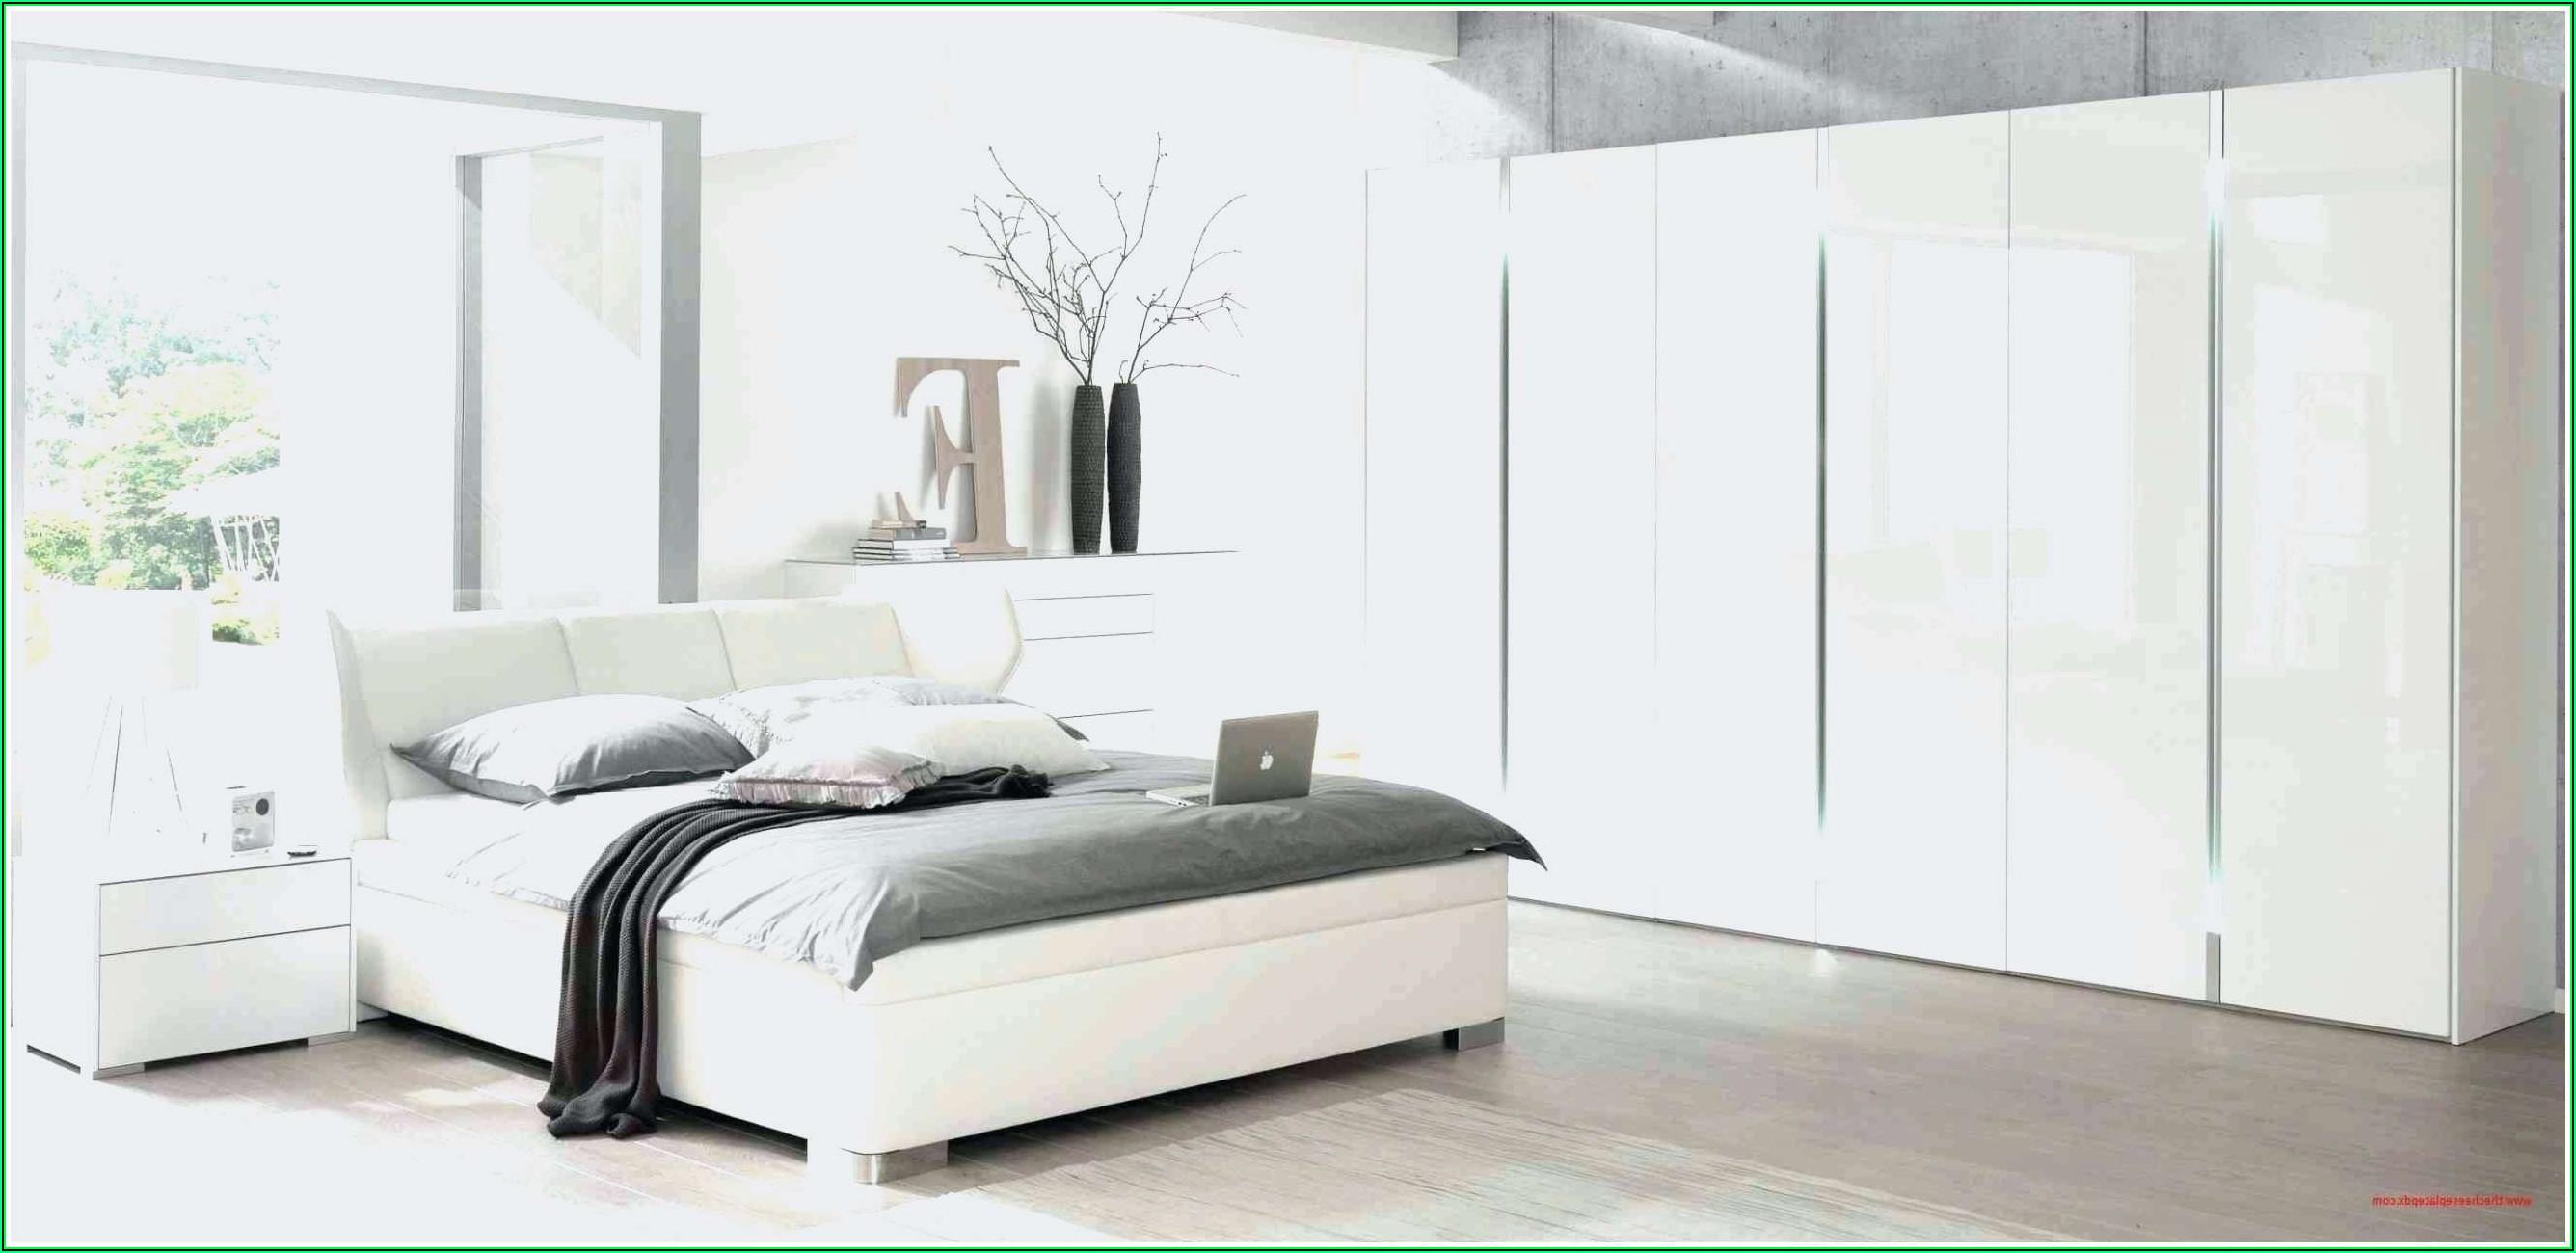 Ikea Aktion Schlafzimmer